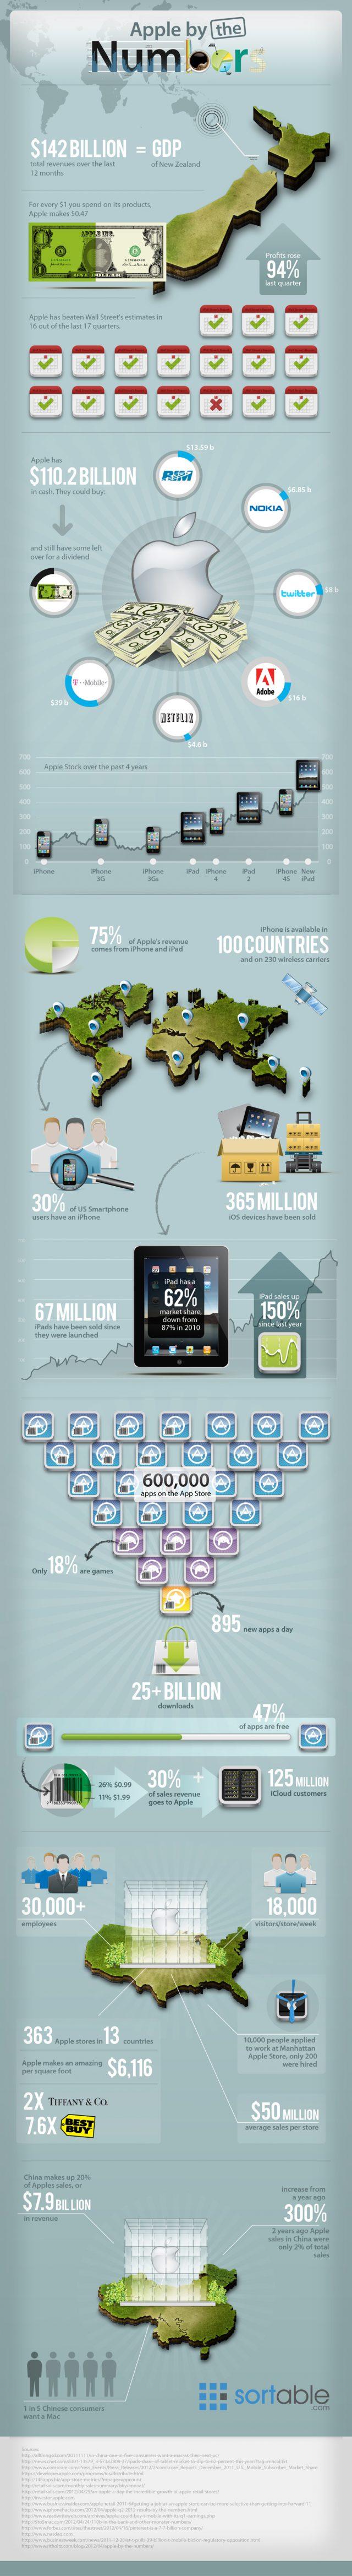 Apple par les chiffres et en image